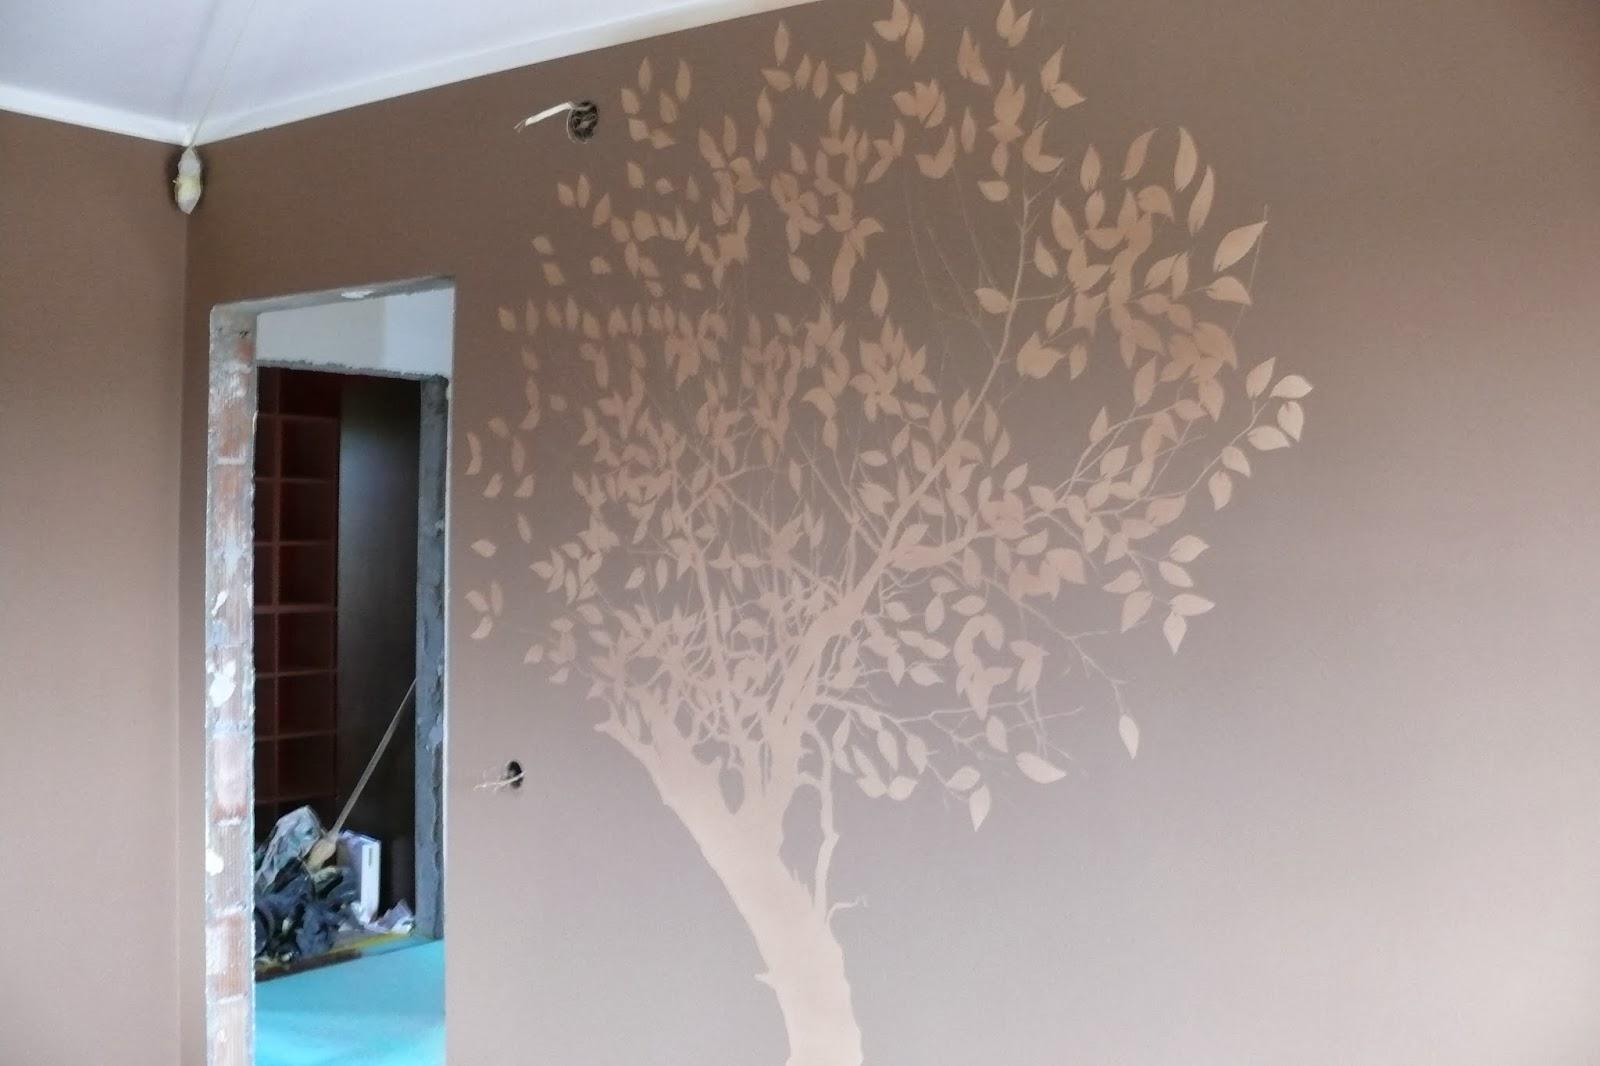 Artystyczne malowanie ściany, motyw drzewa na ścianie, malarstwo artystyczne, warszawa